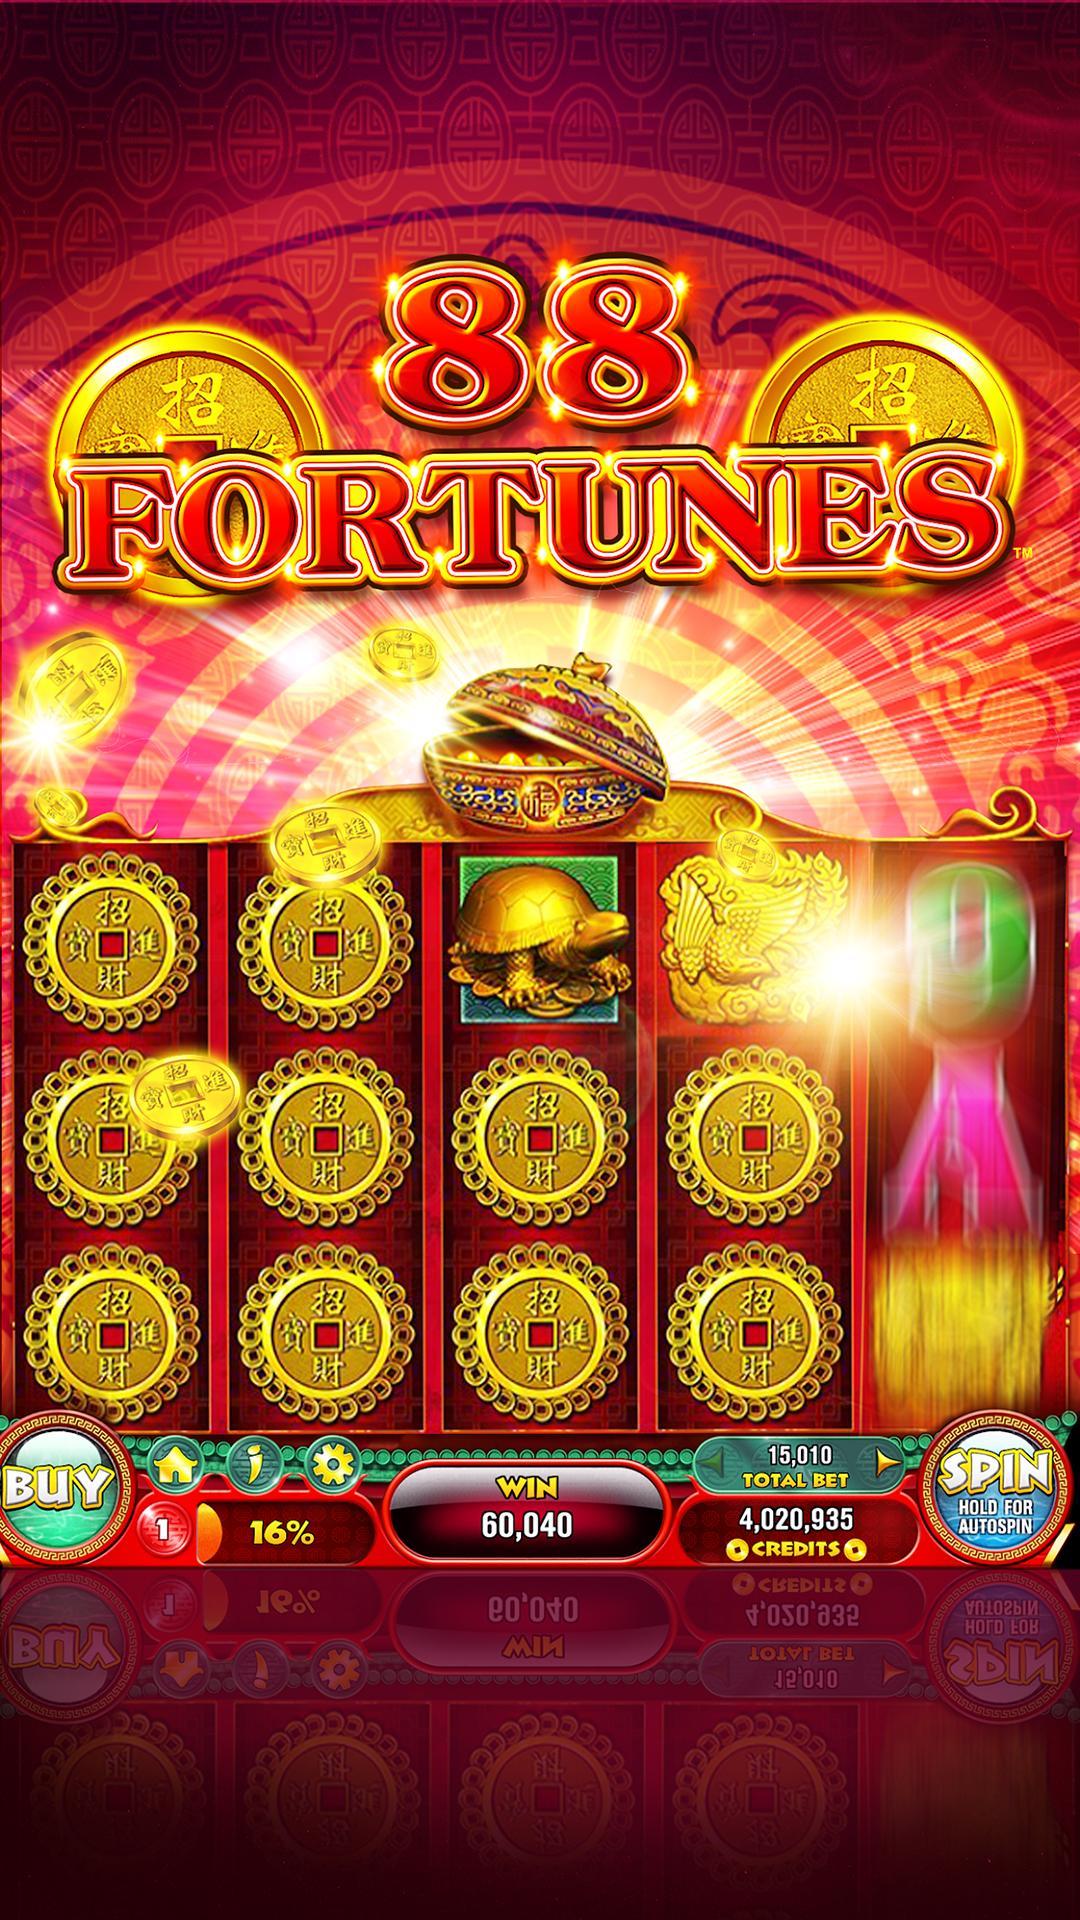 88 Fortunes Casino Games & Free Slot Machines 3.2.38 Screenshot 1